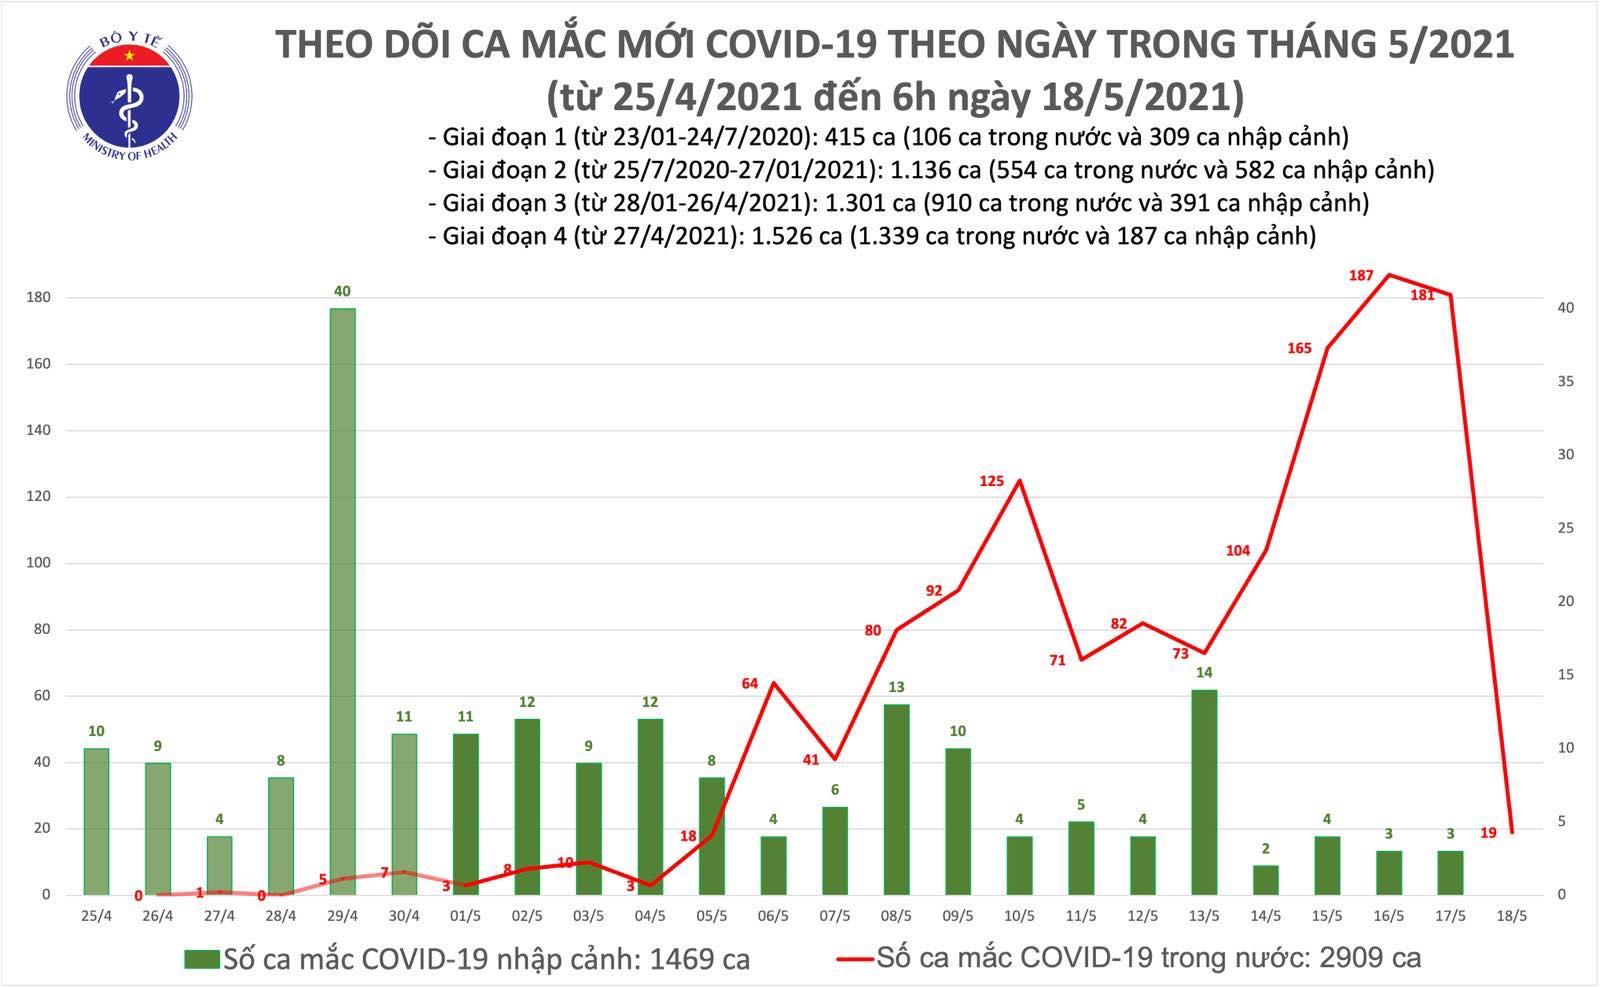 Thêm 19 ca mắc Covid-19 trong nước, riêng tại Hà Nội 13 ca